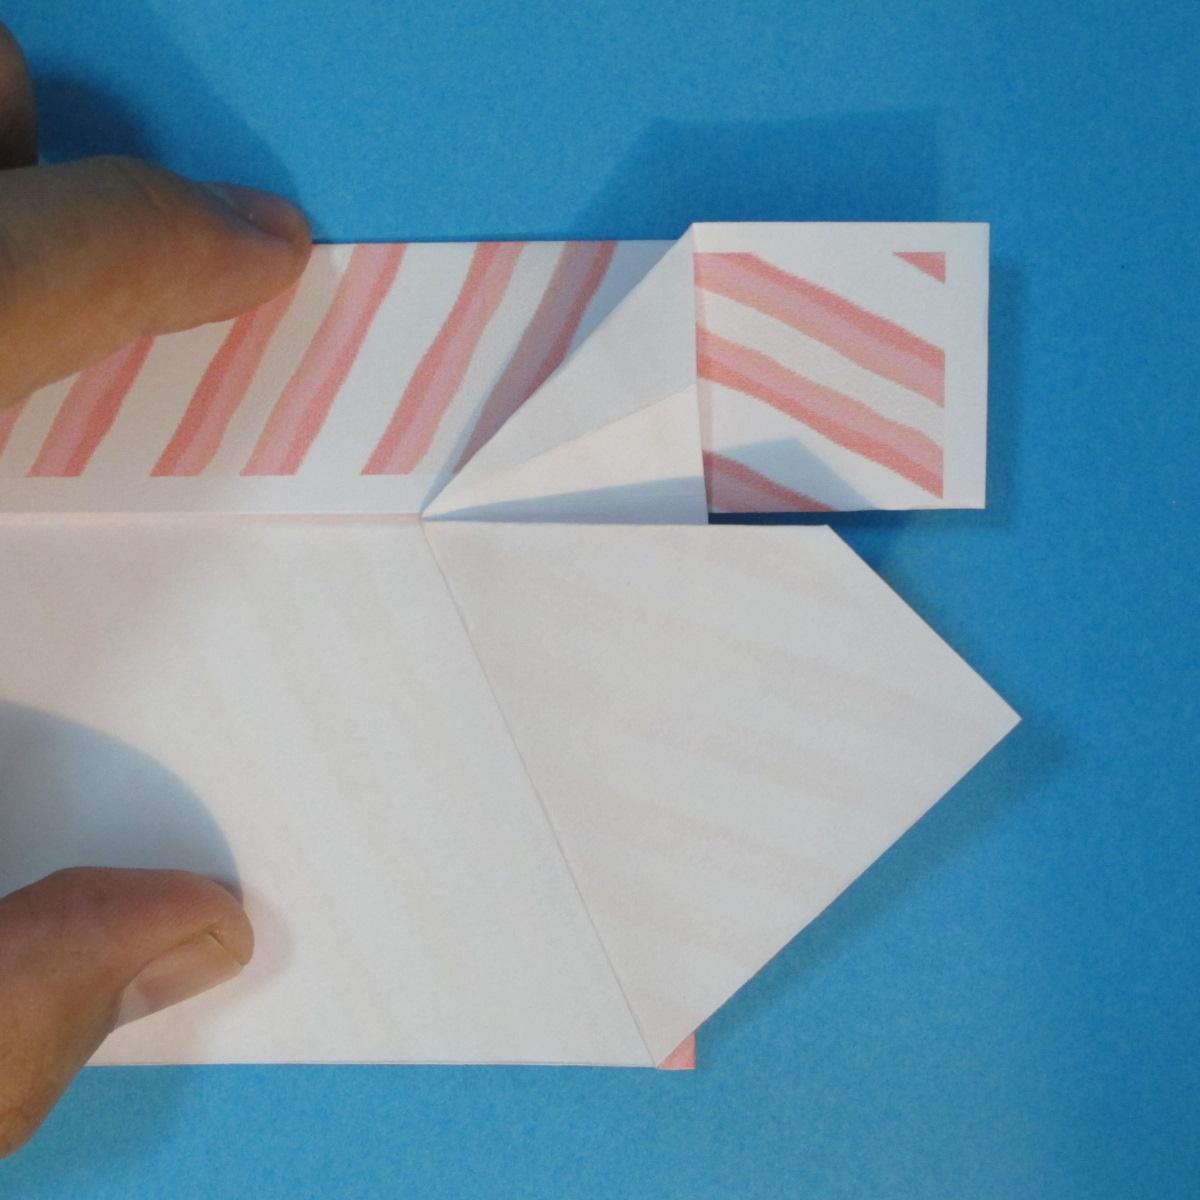 วิธีพับกล่องกระดาษรูปหัวใจส่วนฐานกล่อง 022